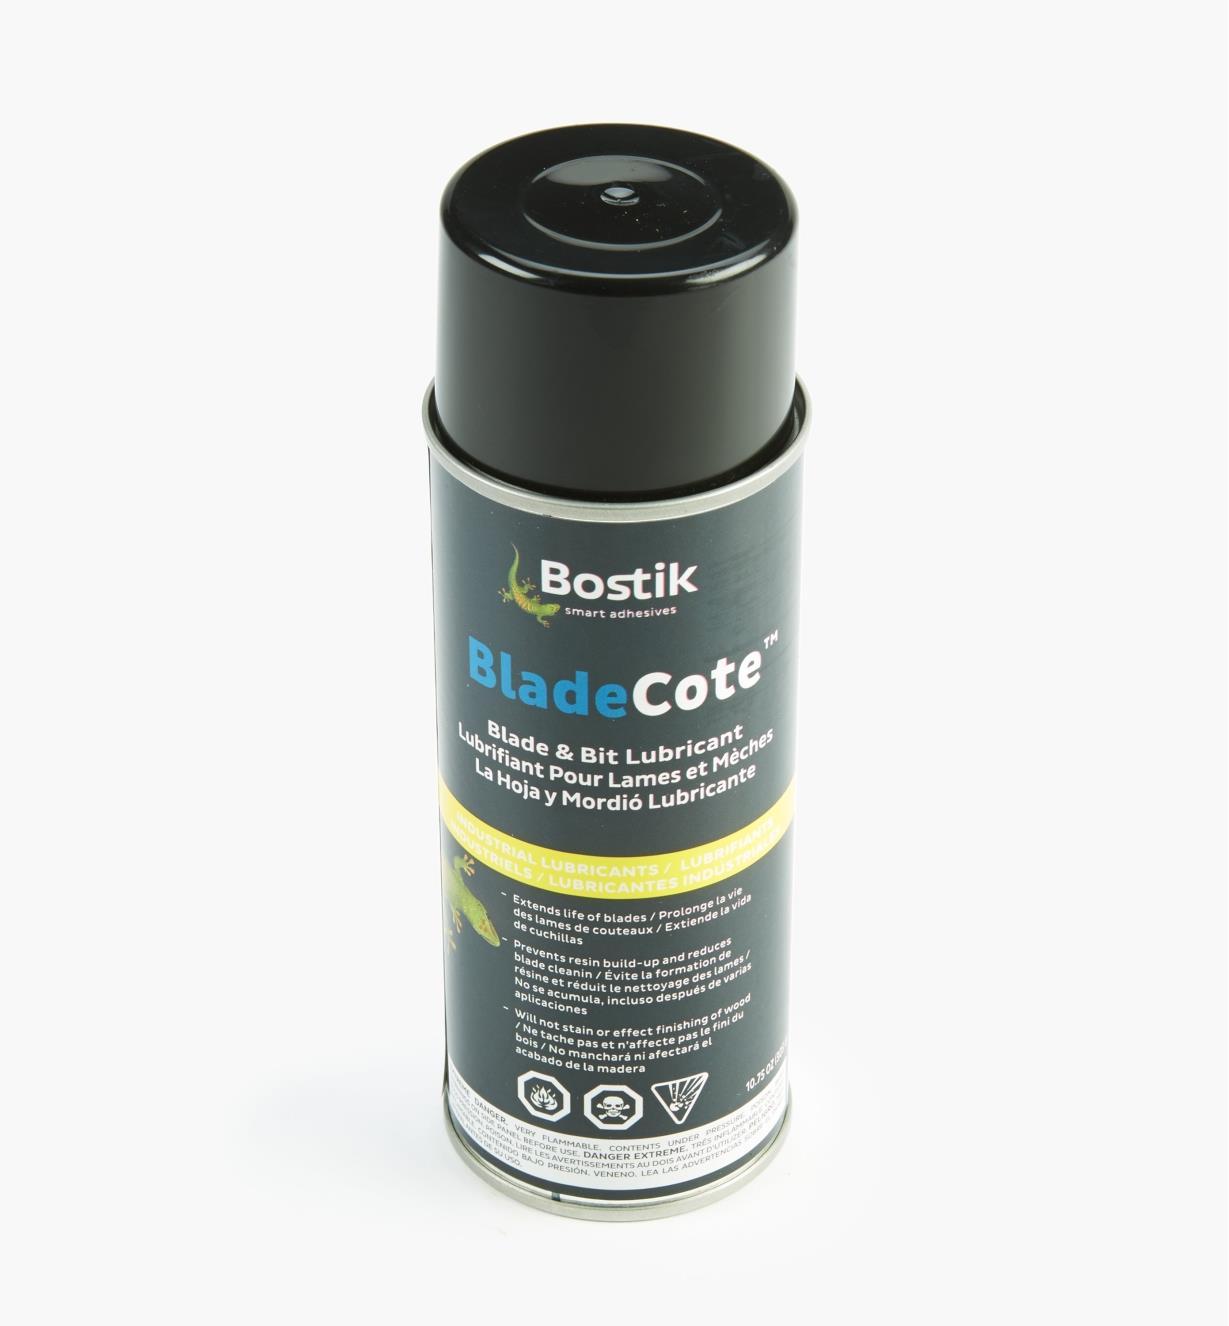 56Z4409 - Lubrifiant BladeCote, 10,75 oz